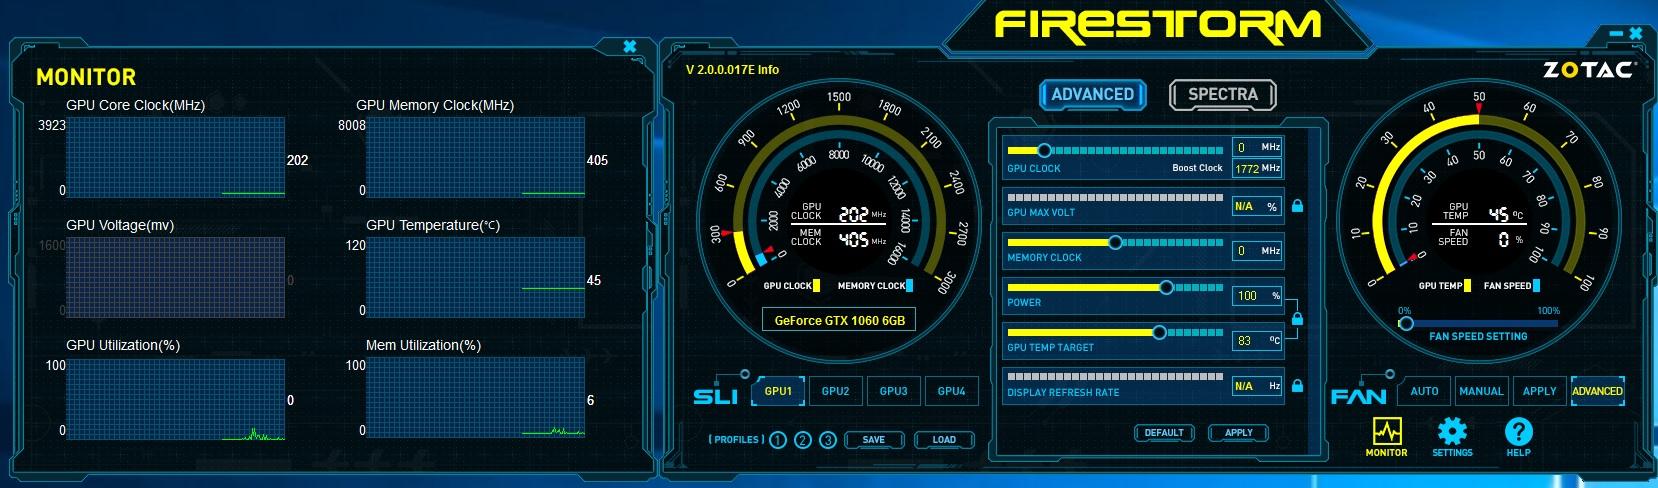 zotac firestorm 2